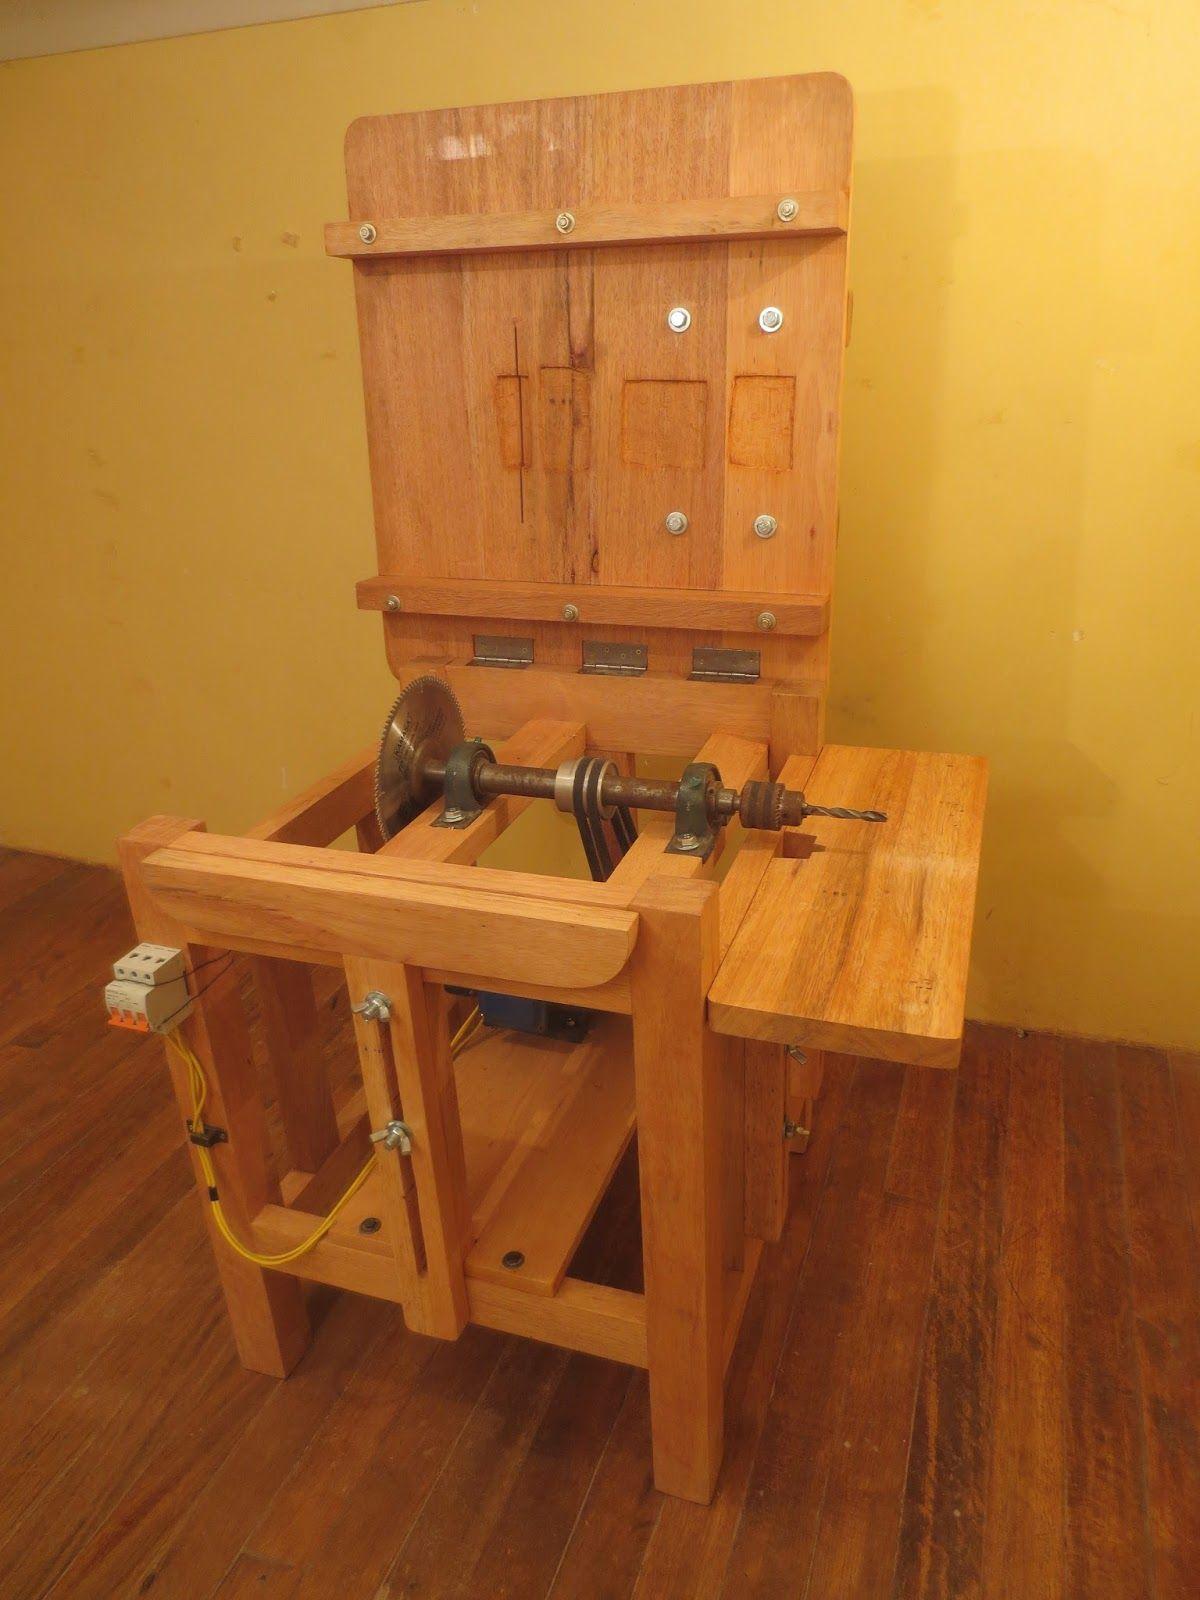 Decoraciones manualidades en madera como hacer una sierra circular de madera maquinas y - Madera para hacer muebles ...